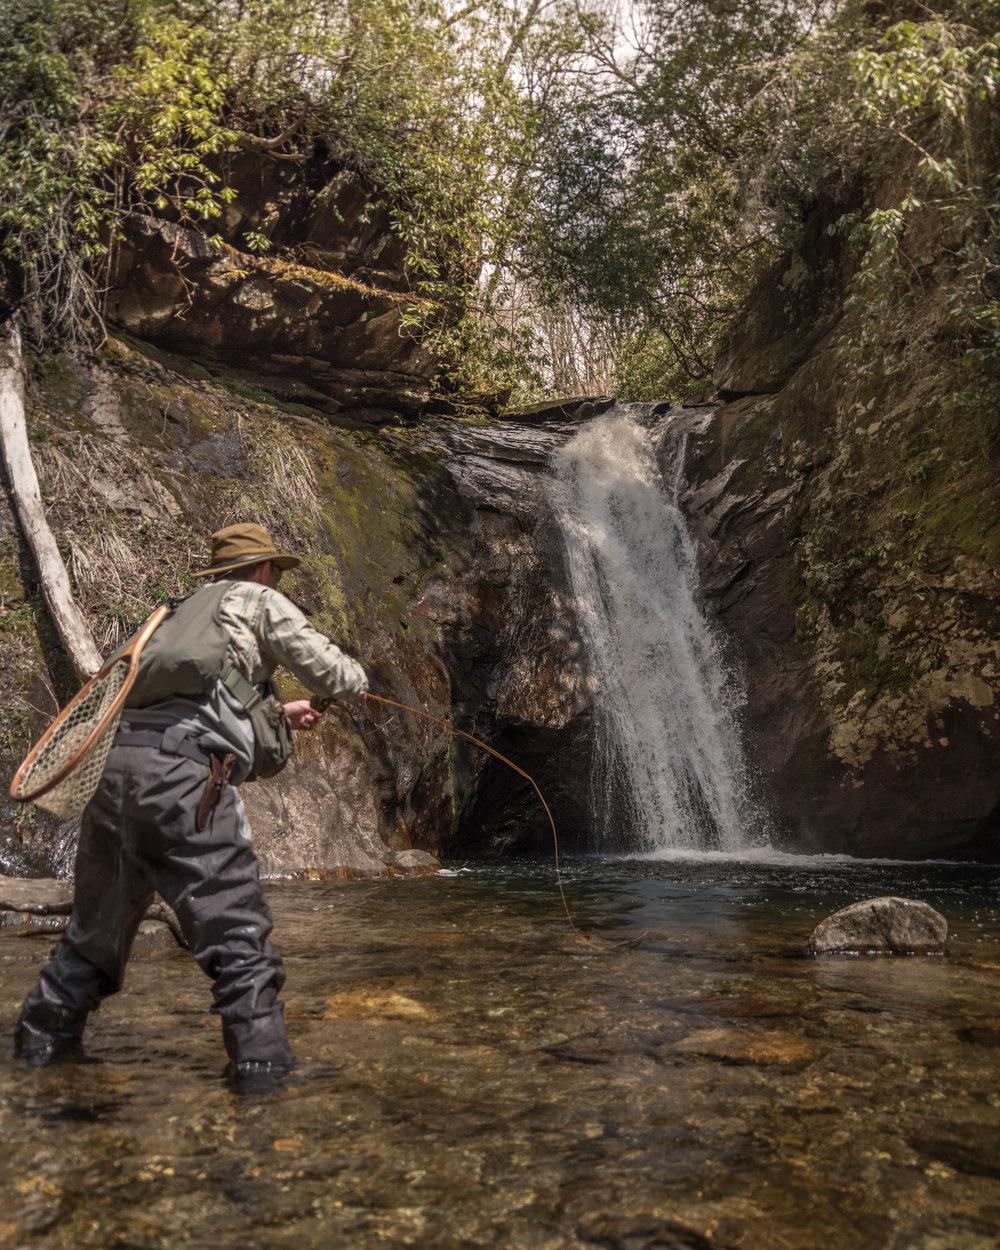 Went chasing waterfalls